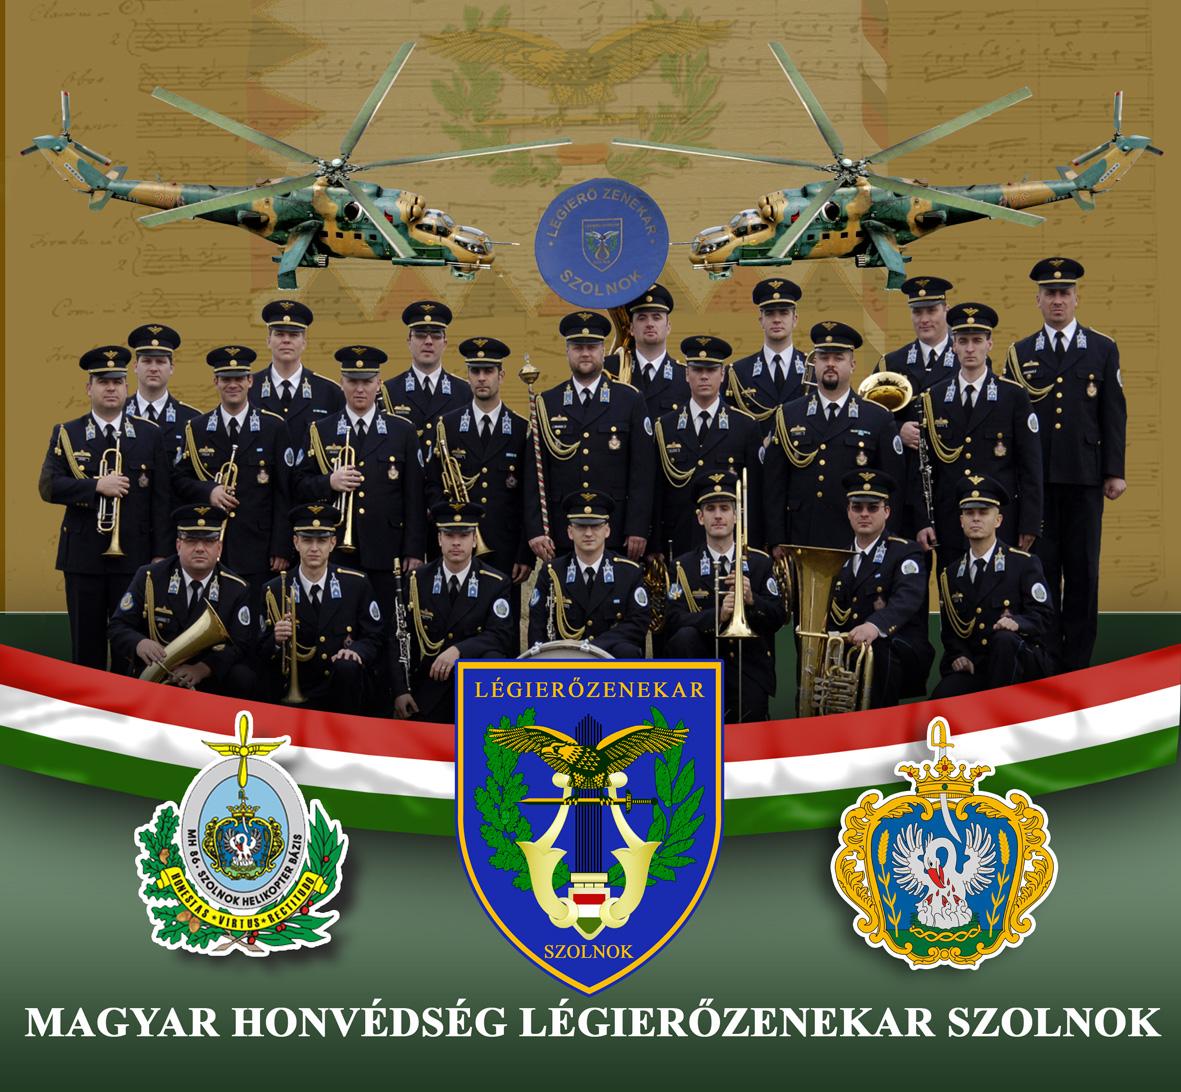 Légierőzenekar Szolnok